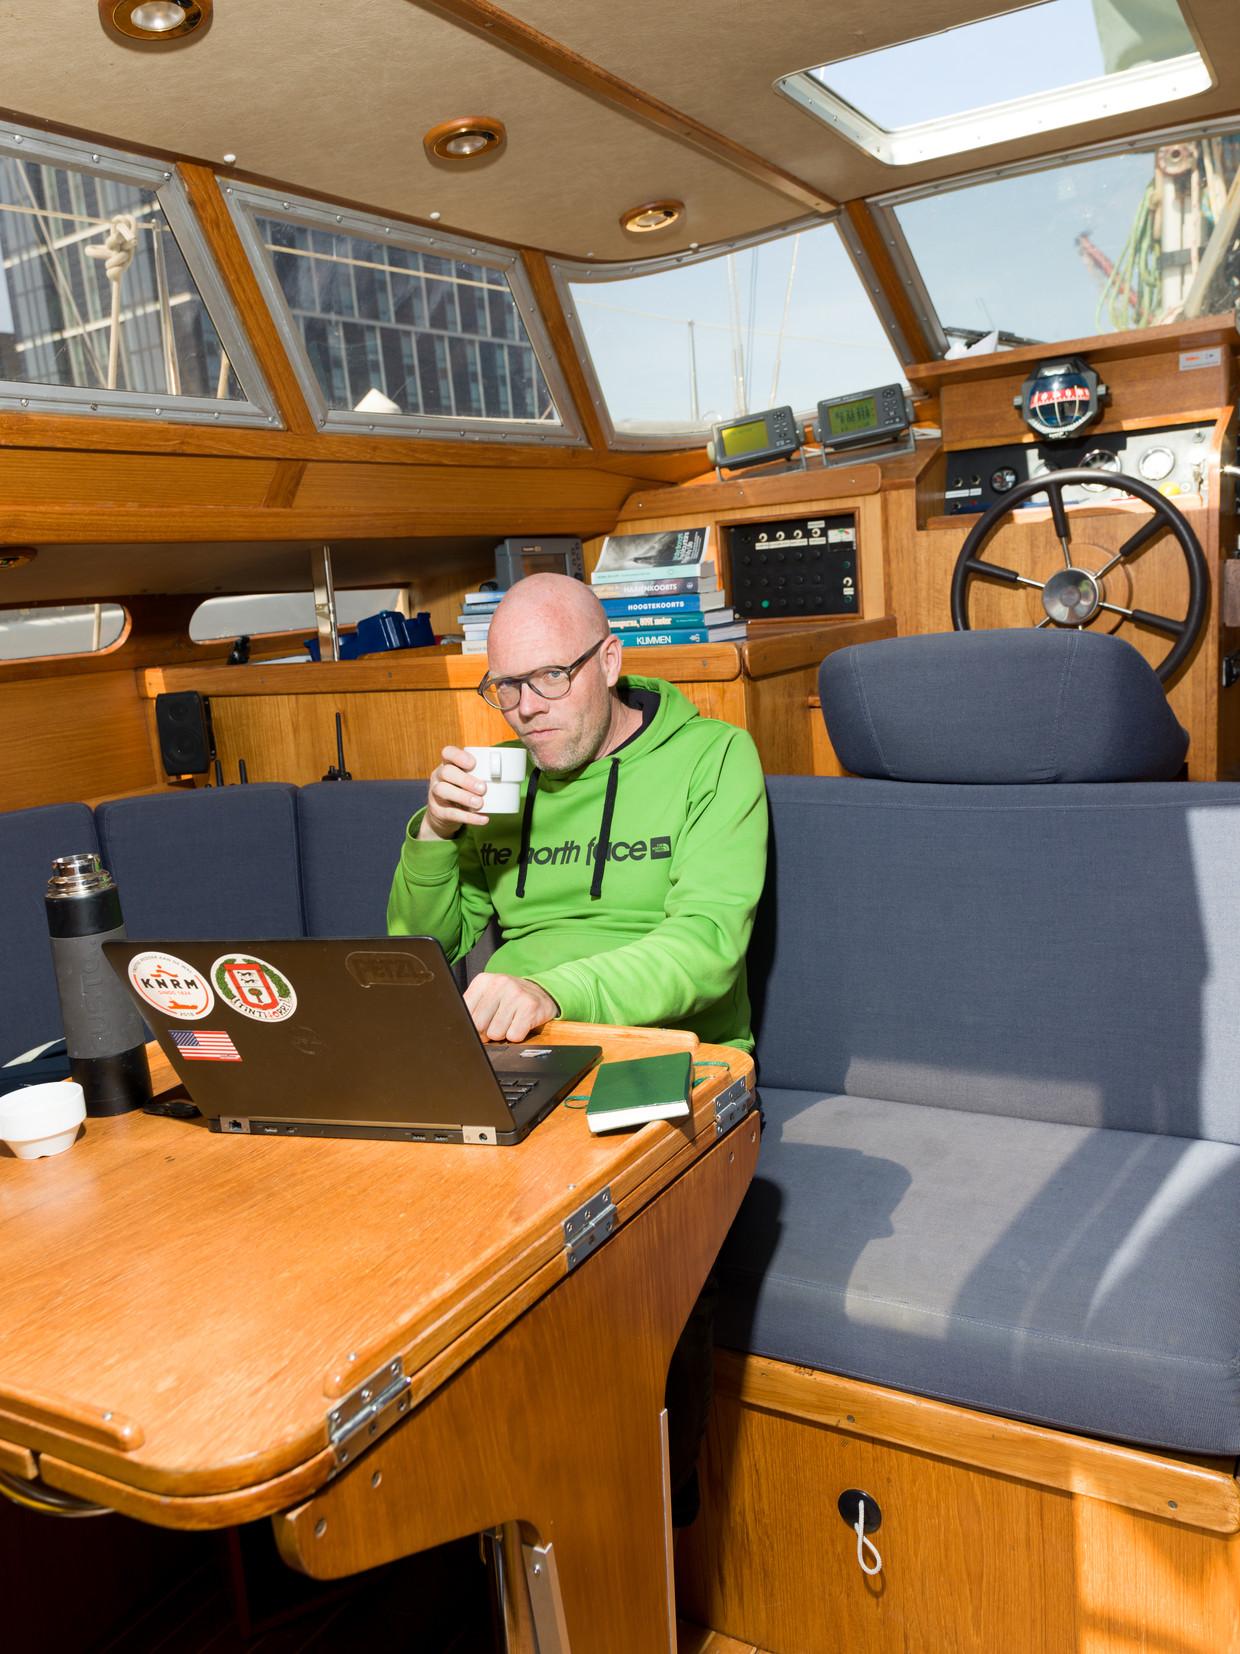 Toine Heijmans is een Nederlandse schrijver, journalist en columnist. Toine op zijn boot op IJburg die hij ook gebruikt als schrijfkamer. Beeld Ivo van der Bent